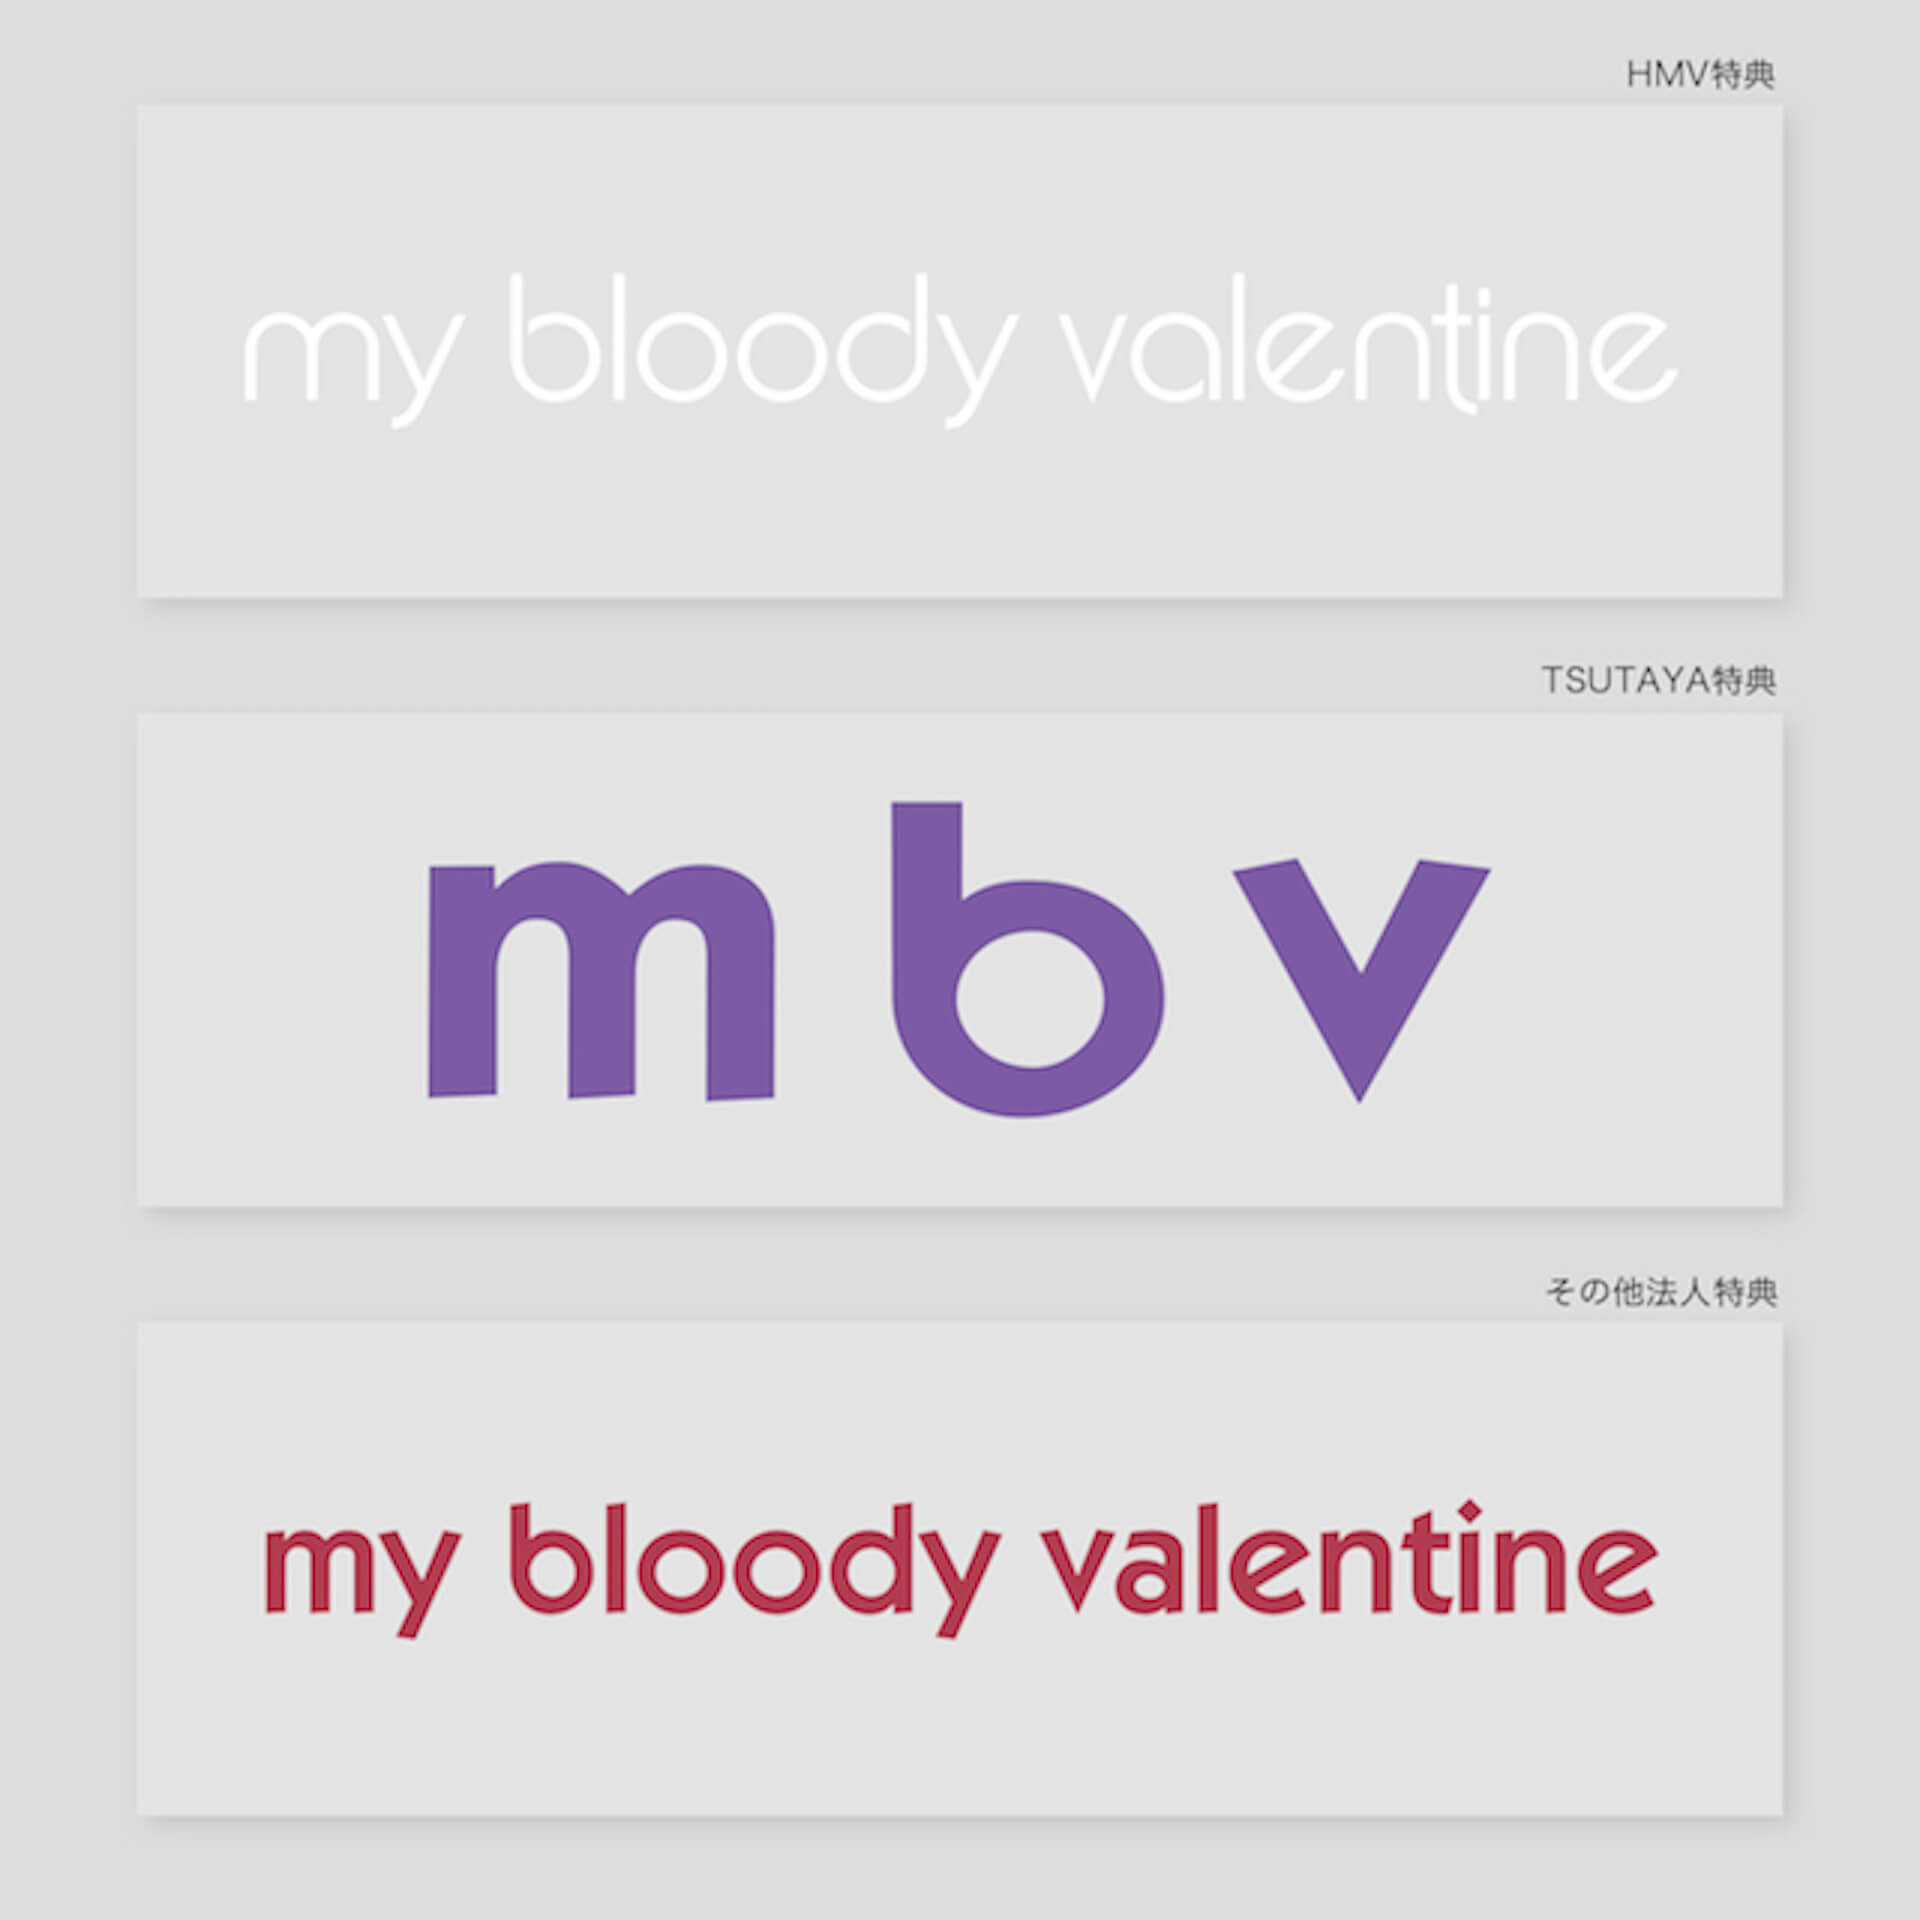 My Bloody Valentine新装盤CDとLPがいよいよ今週発売!レコードショップ別の各種特典が解禁 music210517_mybloodyvalentine-210517_4